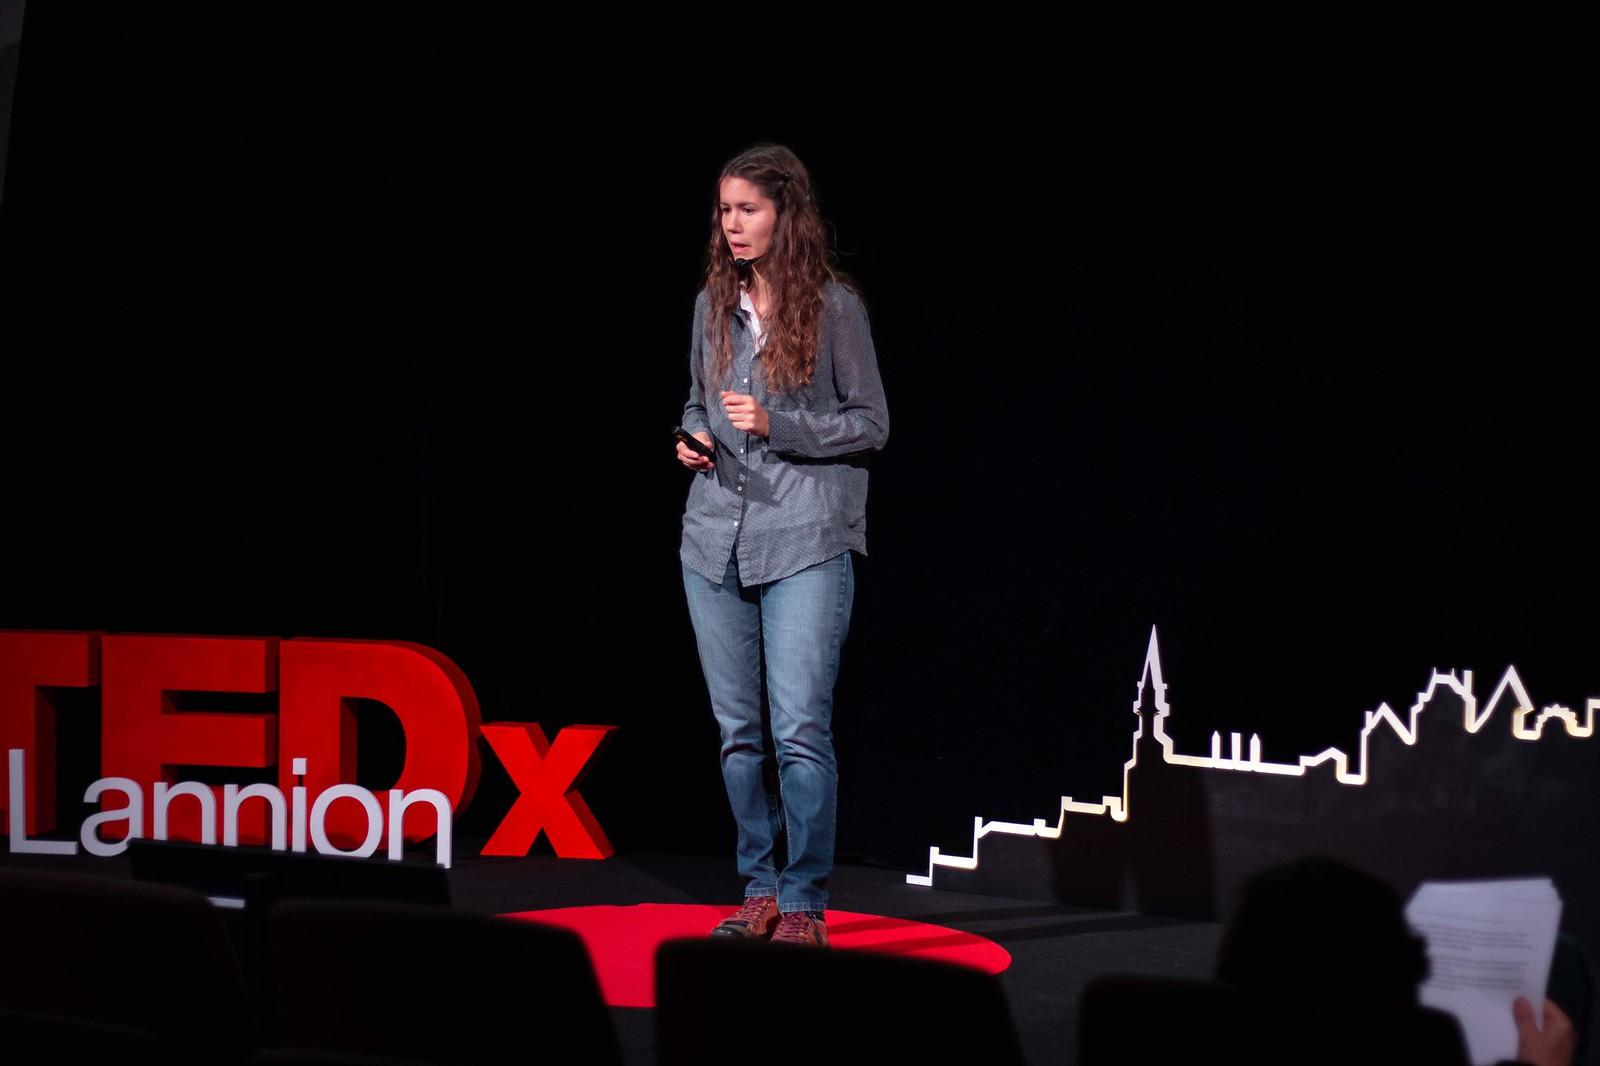 TEDxLannion-2018-53